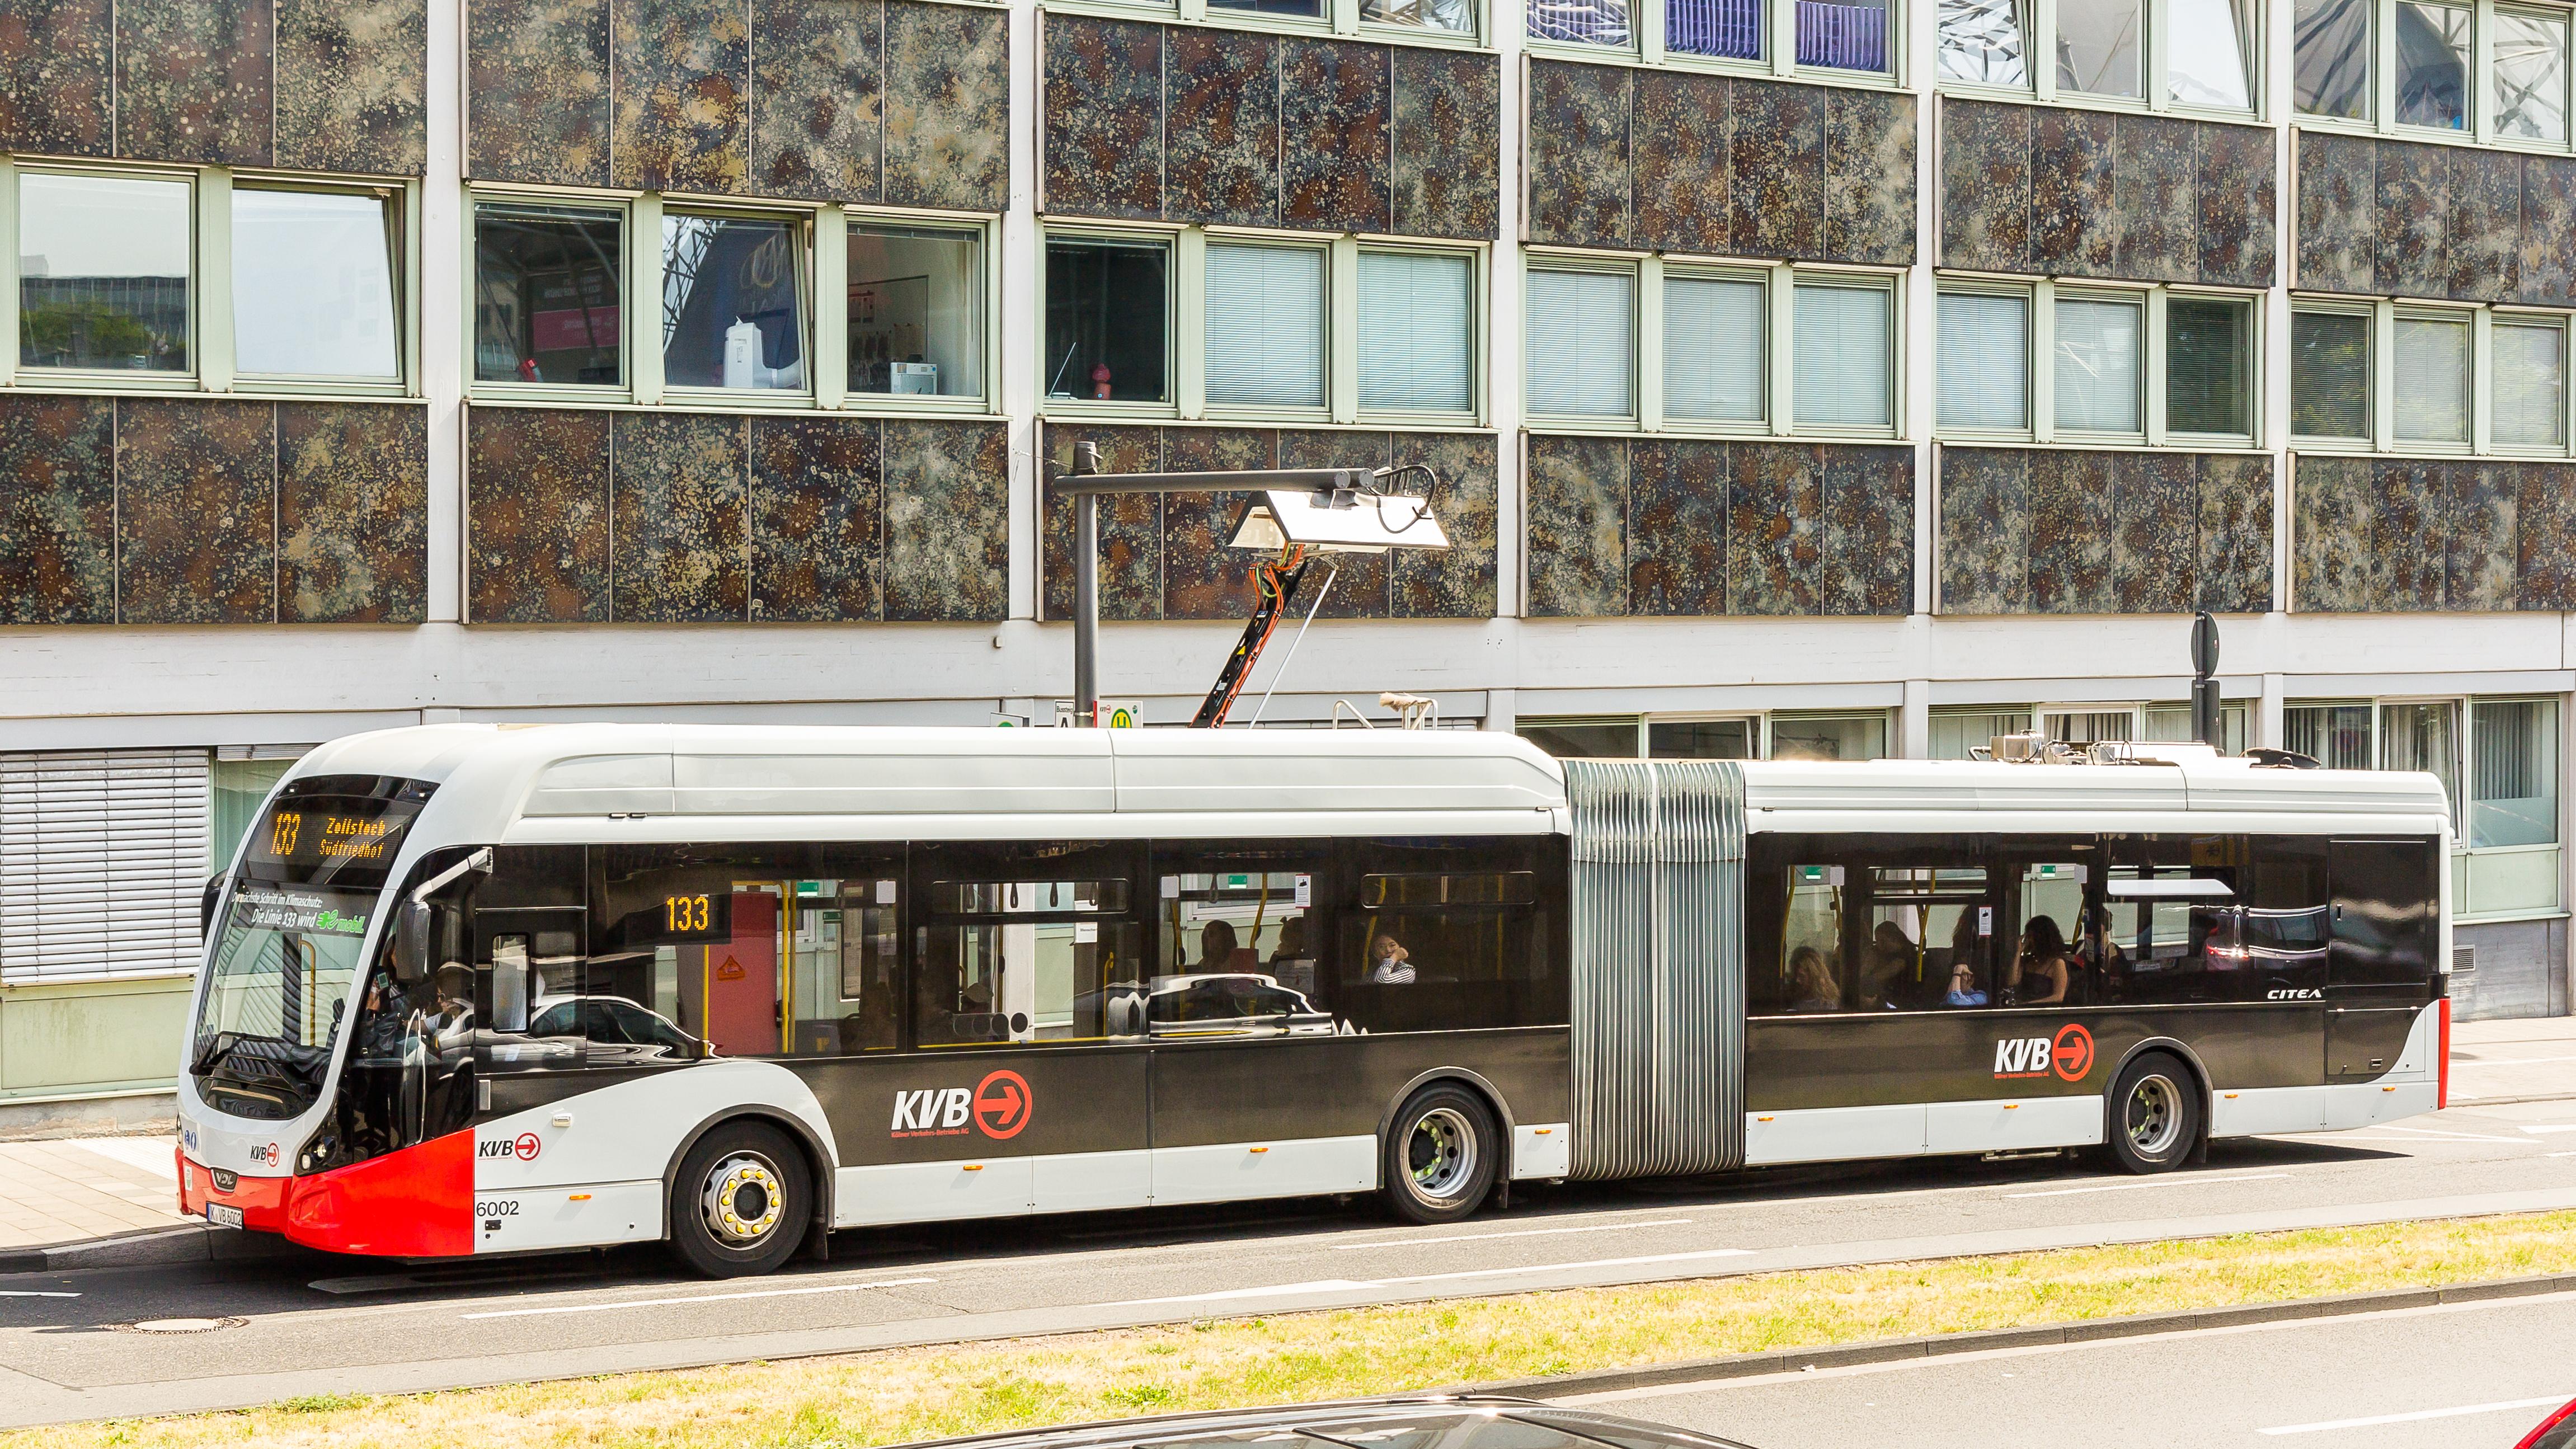 Bus Kvb